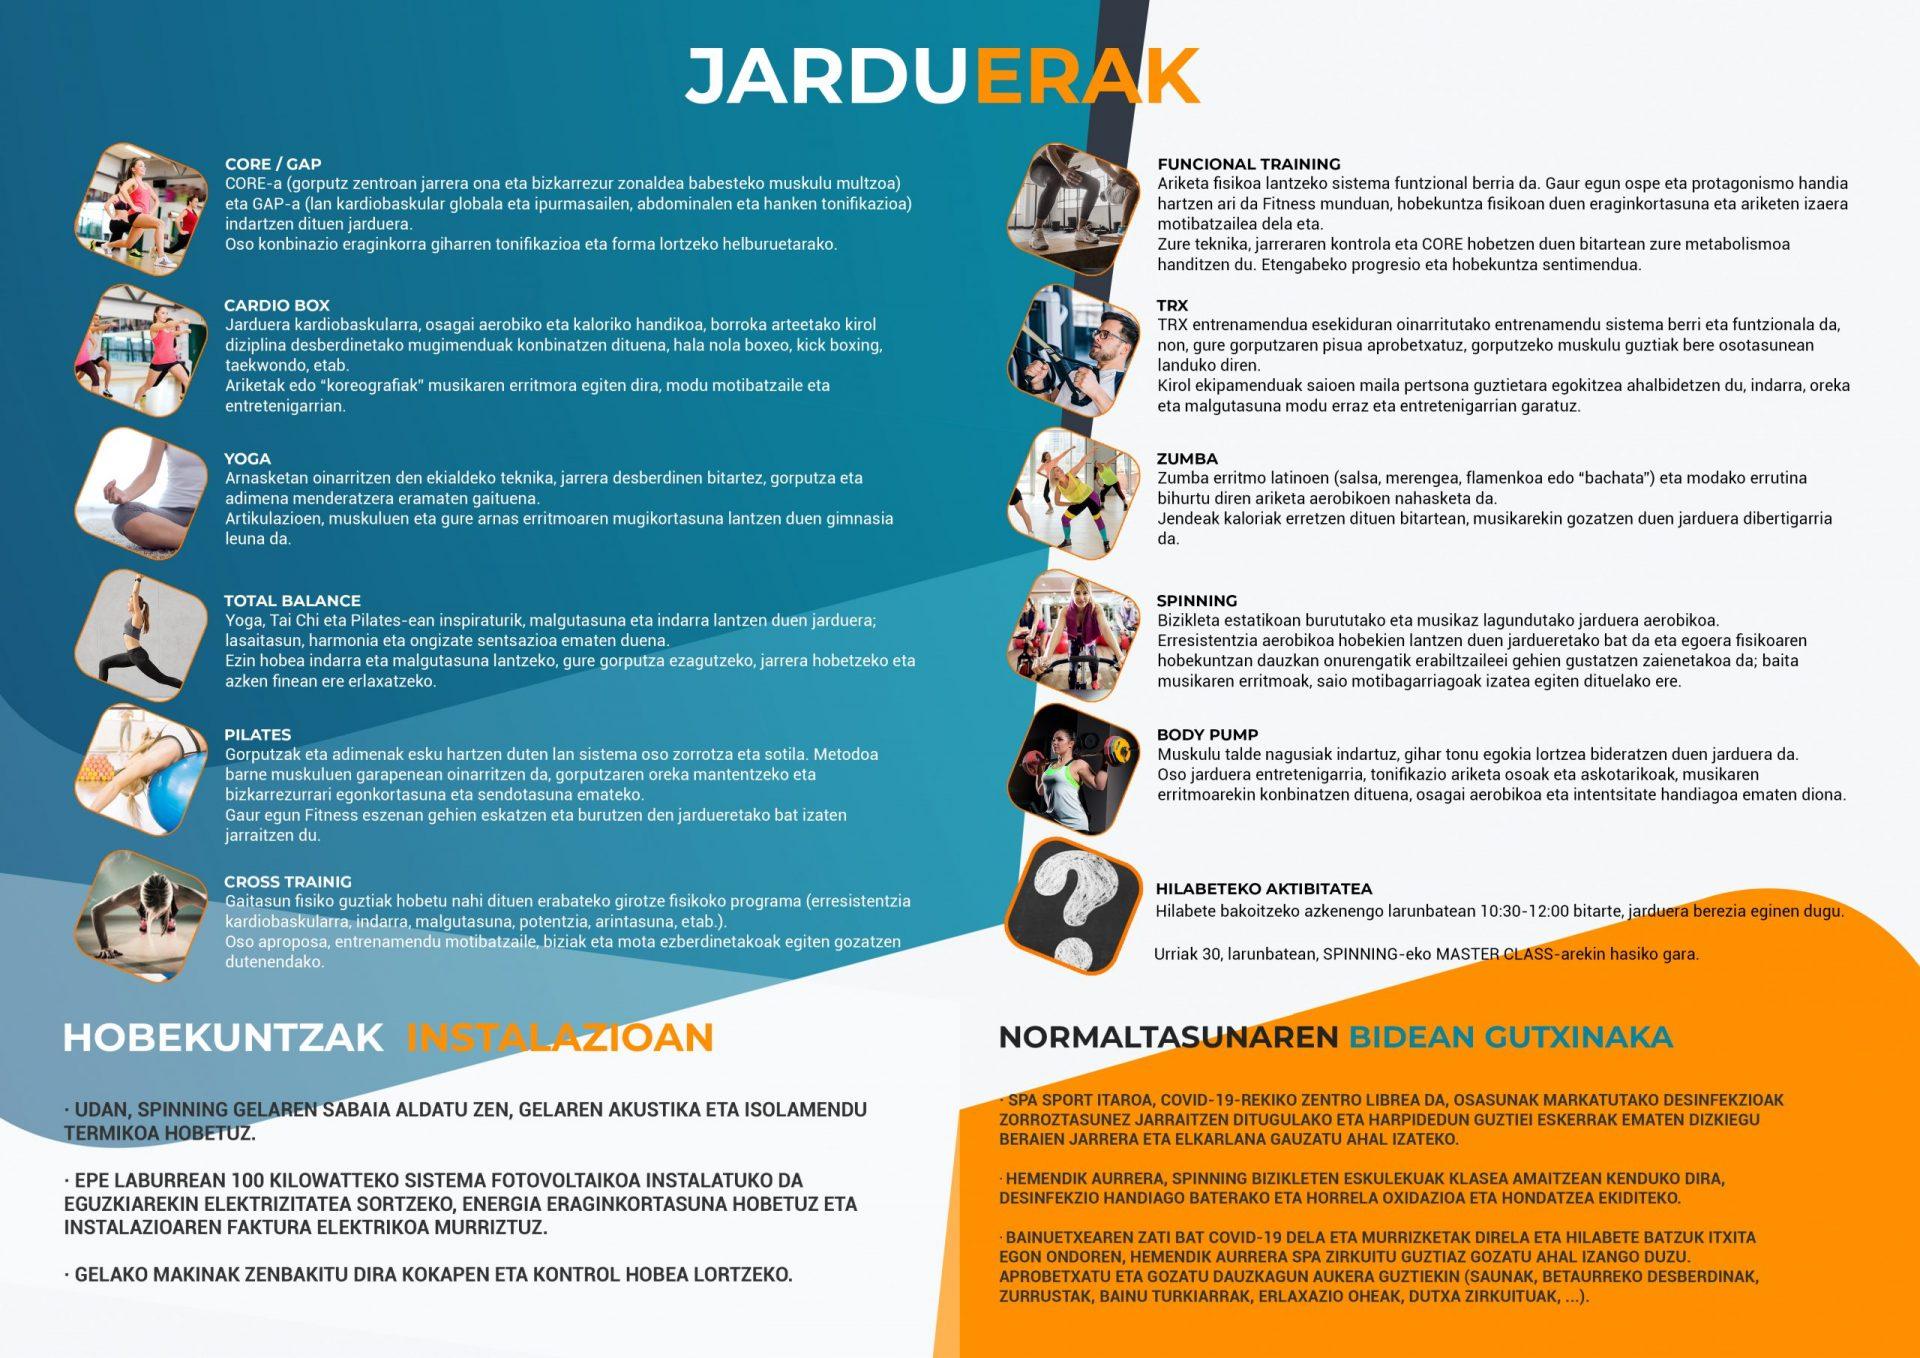 Spa&sport Itaroa Huarte Boletín euskera